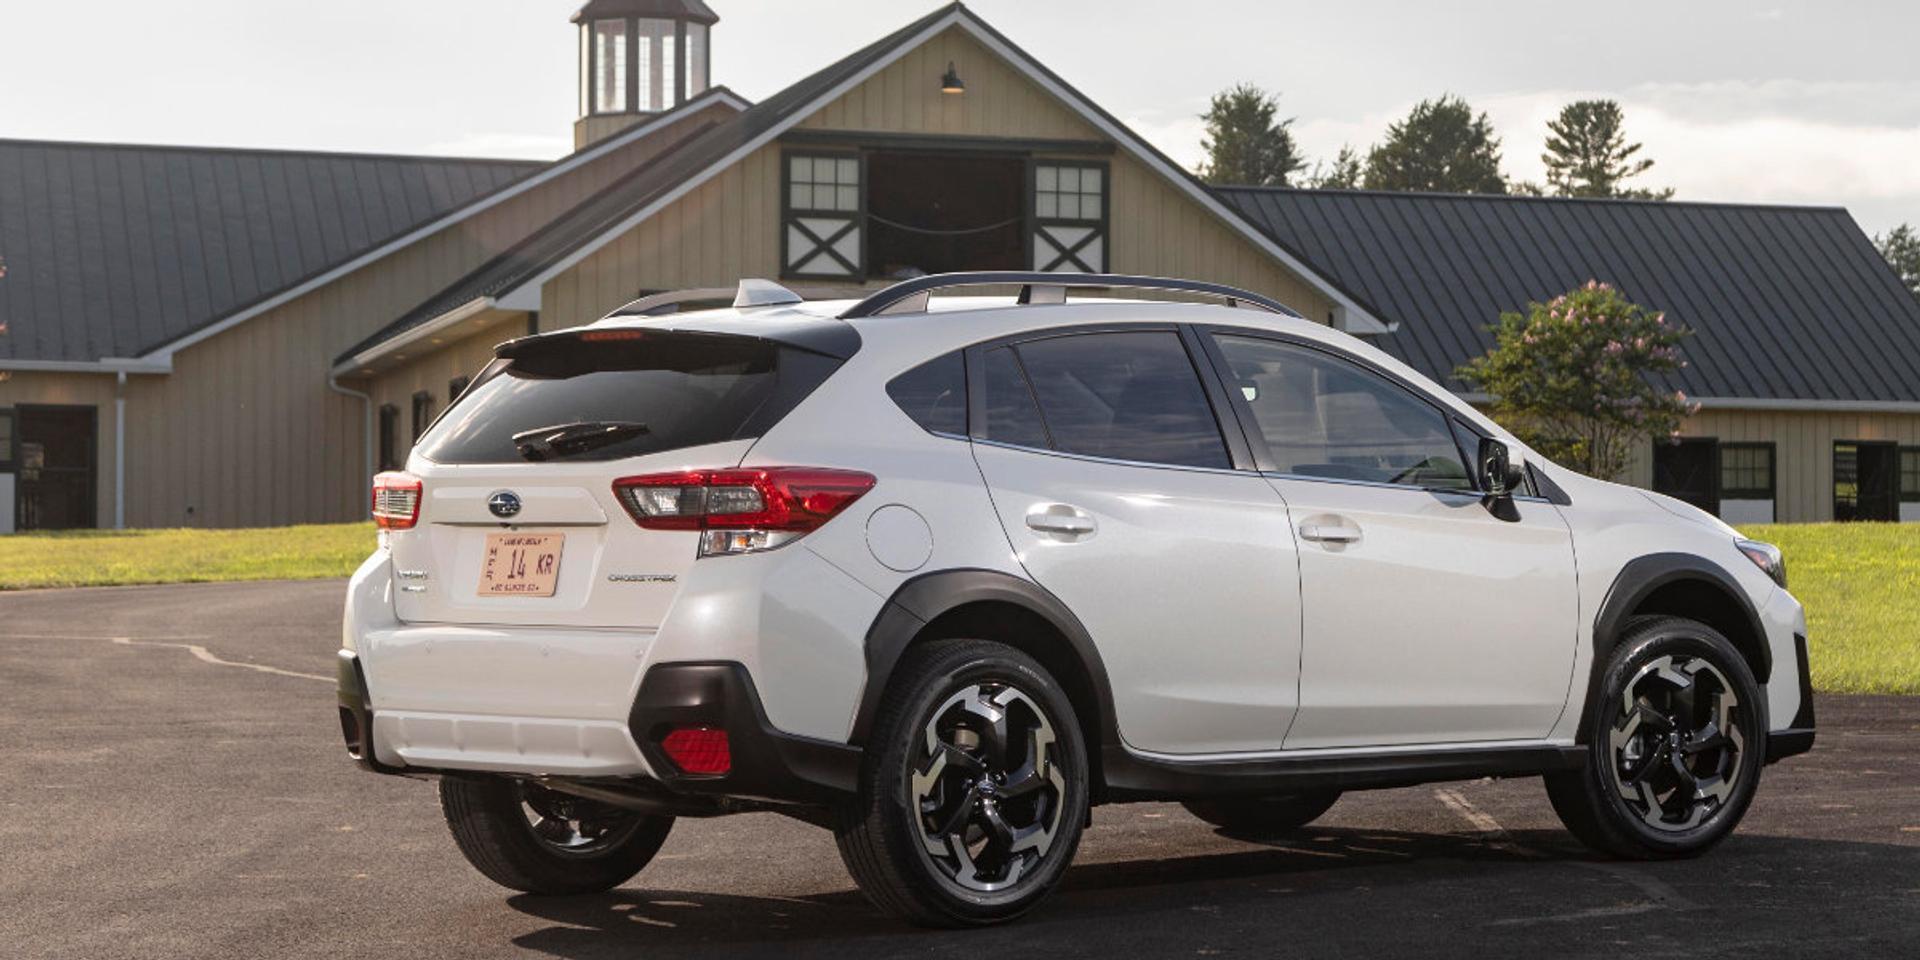 Subaru Crosstrek rear view